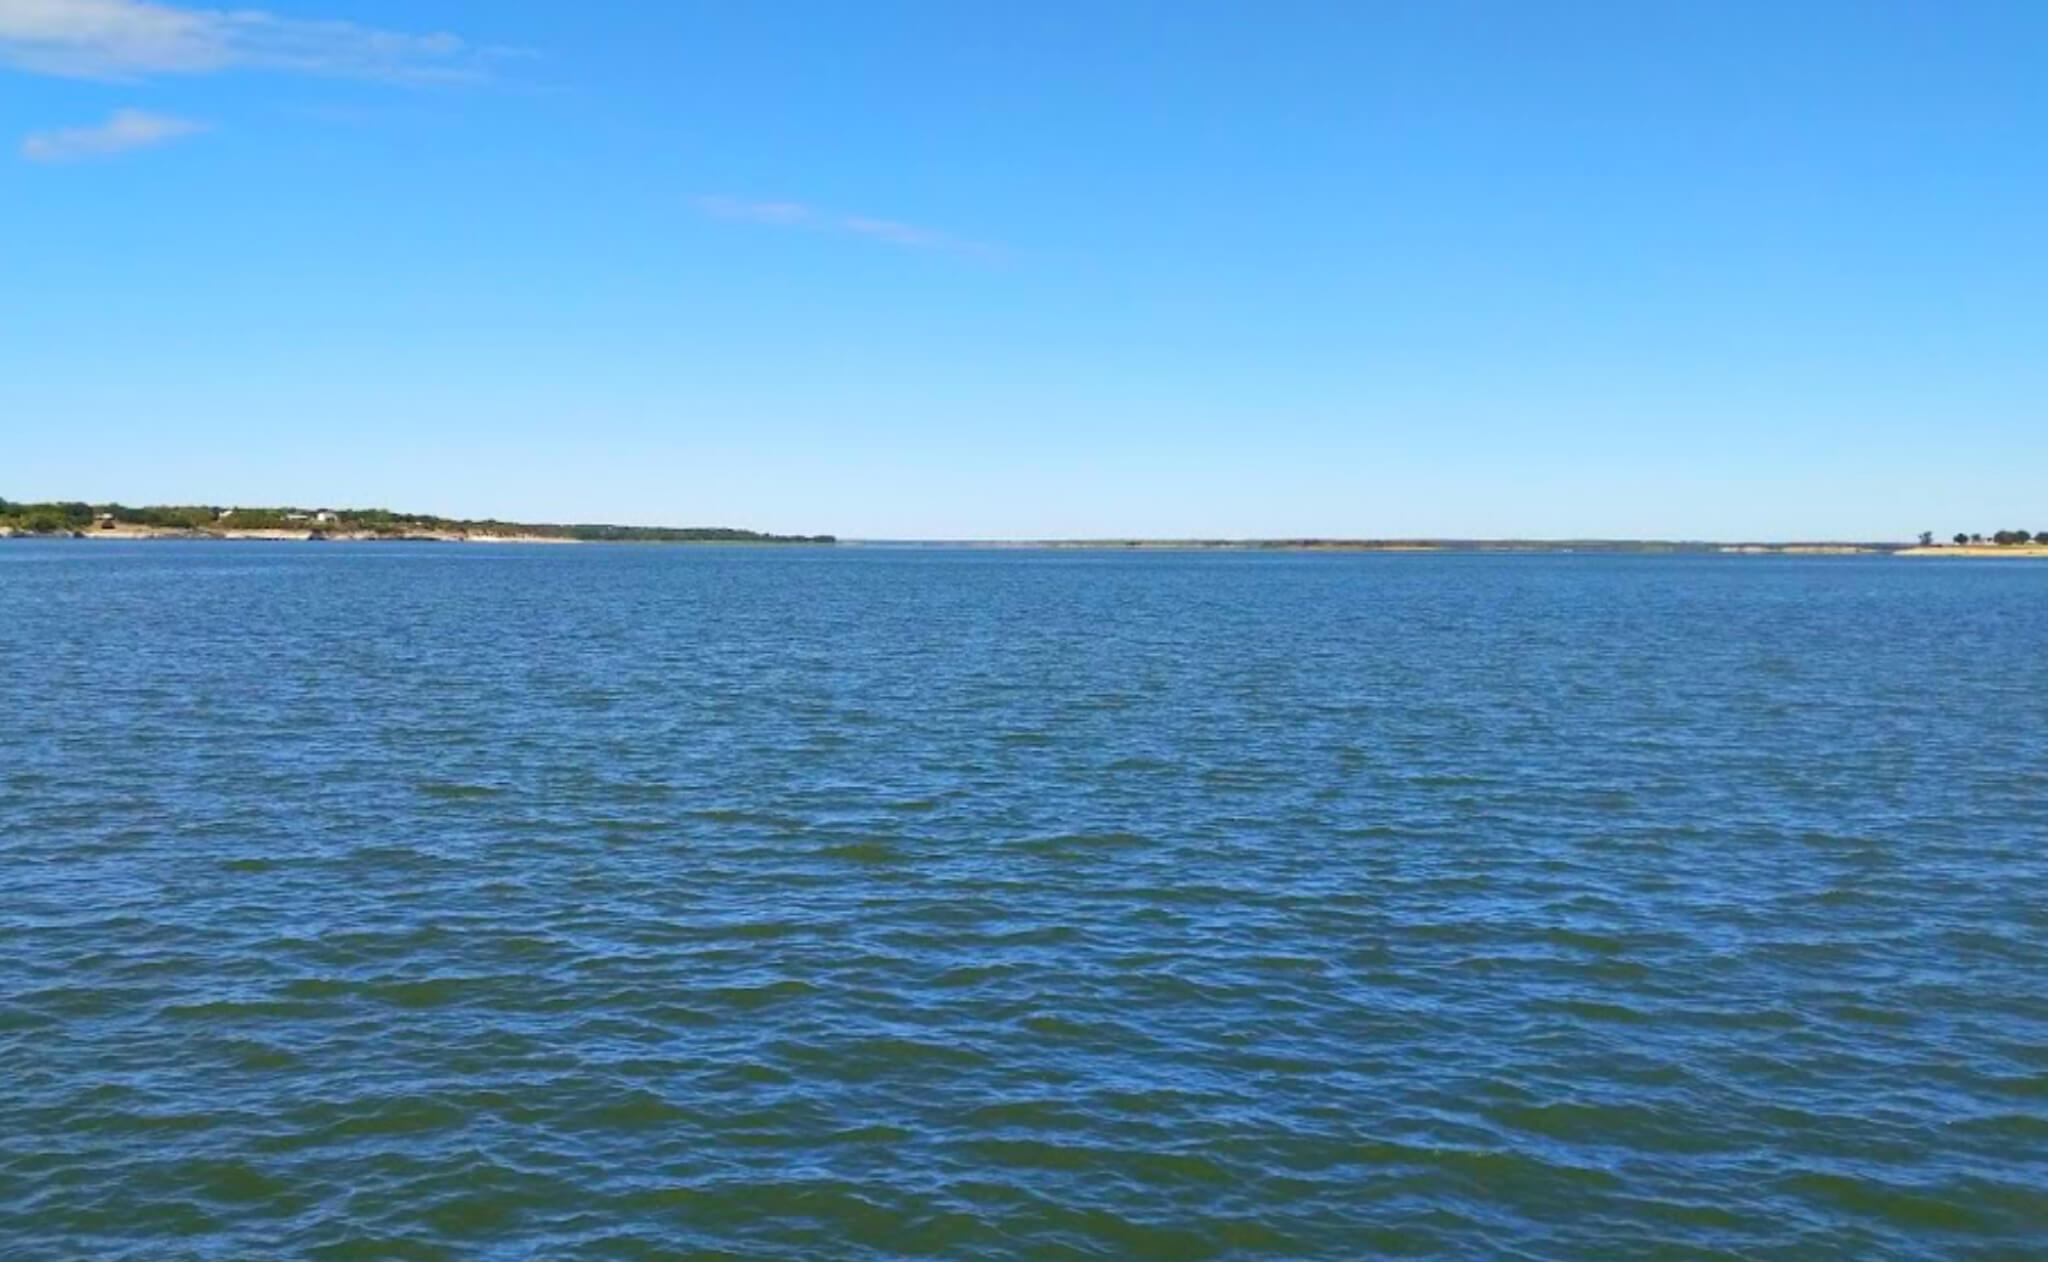 Whitney-Lake-Fishing-Report-Guide-Texas-TX-05